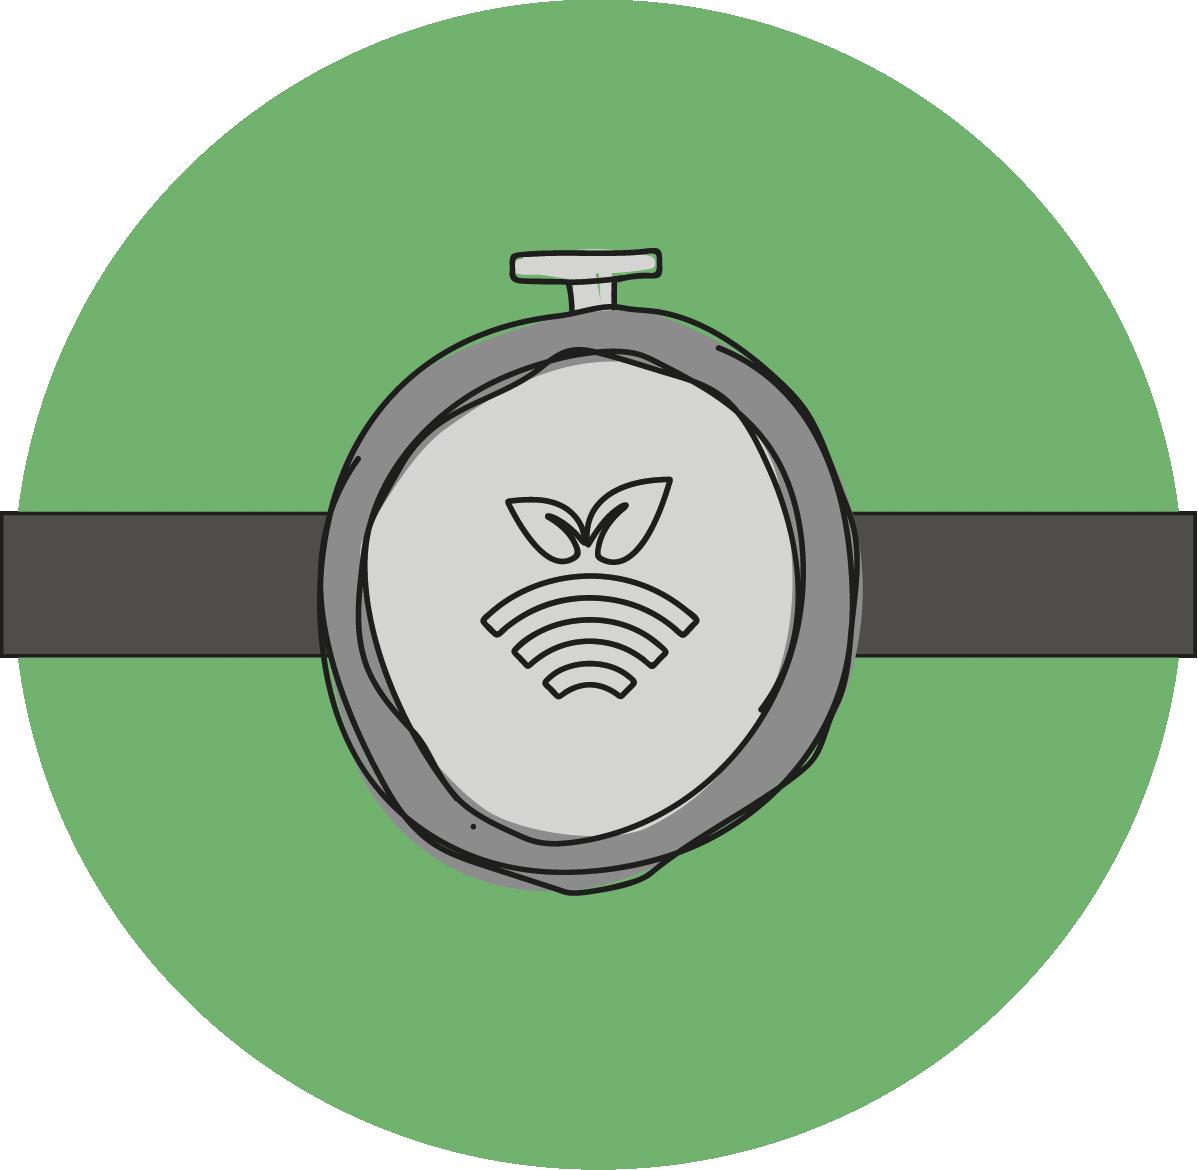 productos caudalímetro icono